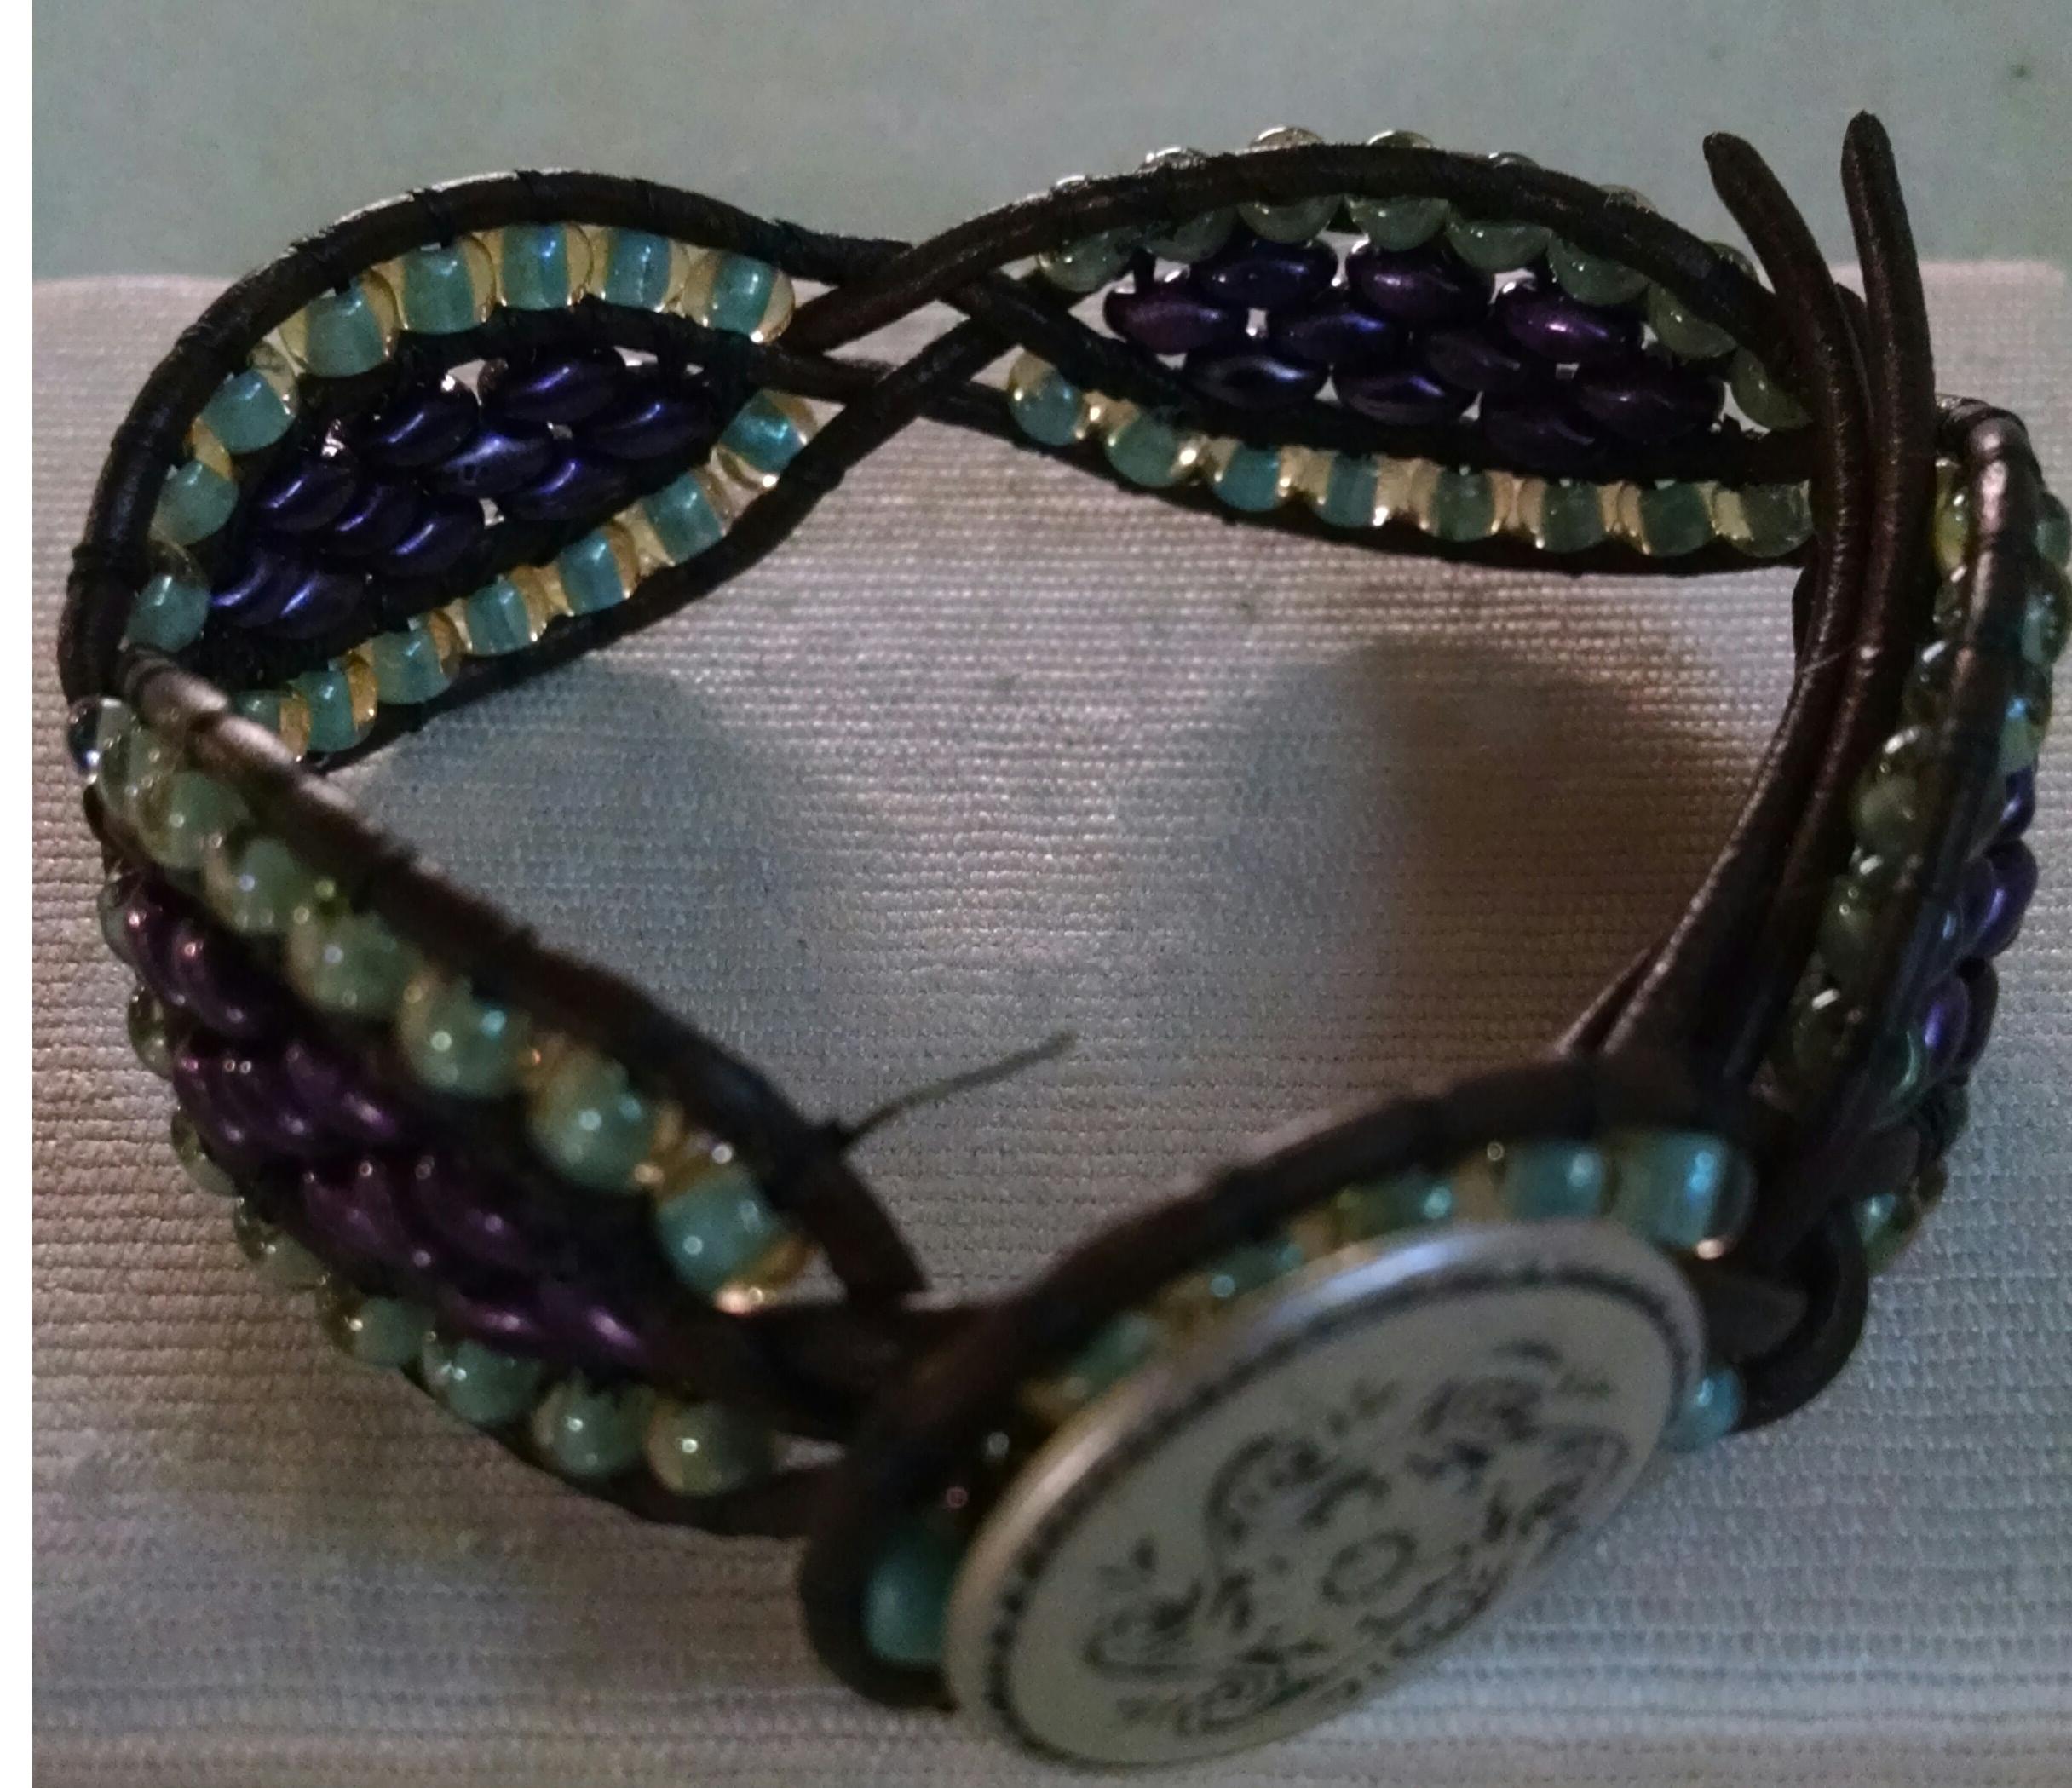 Wrap Bracelets with A Twist